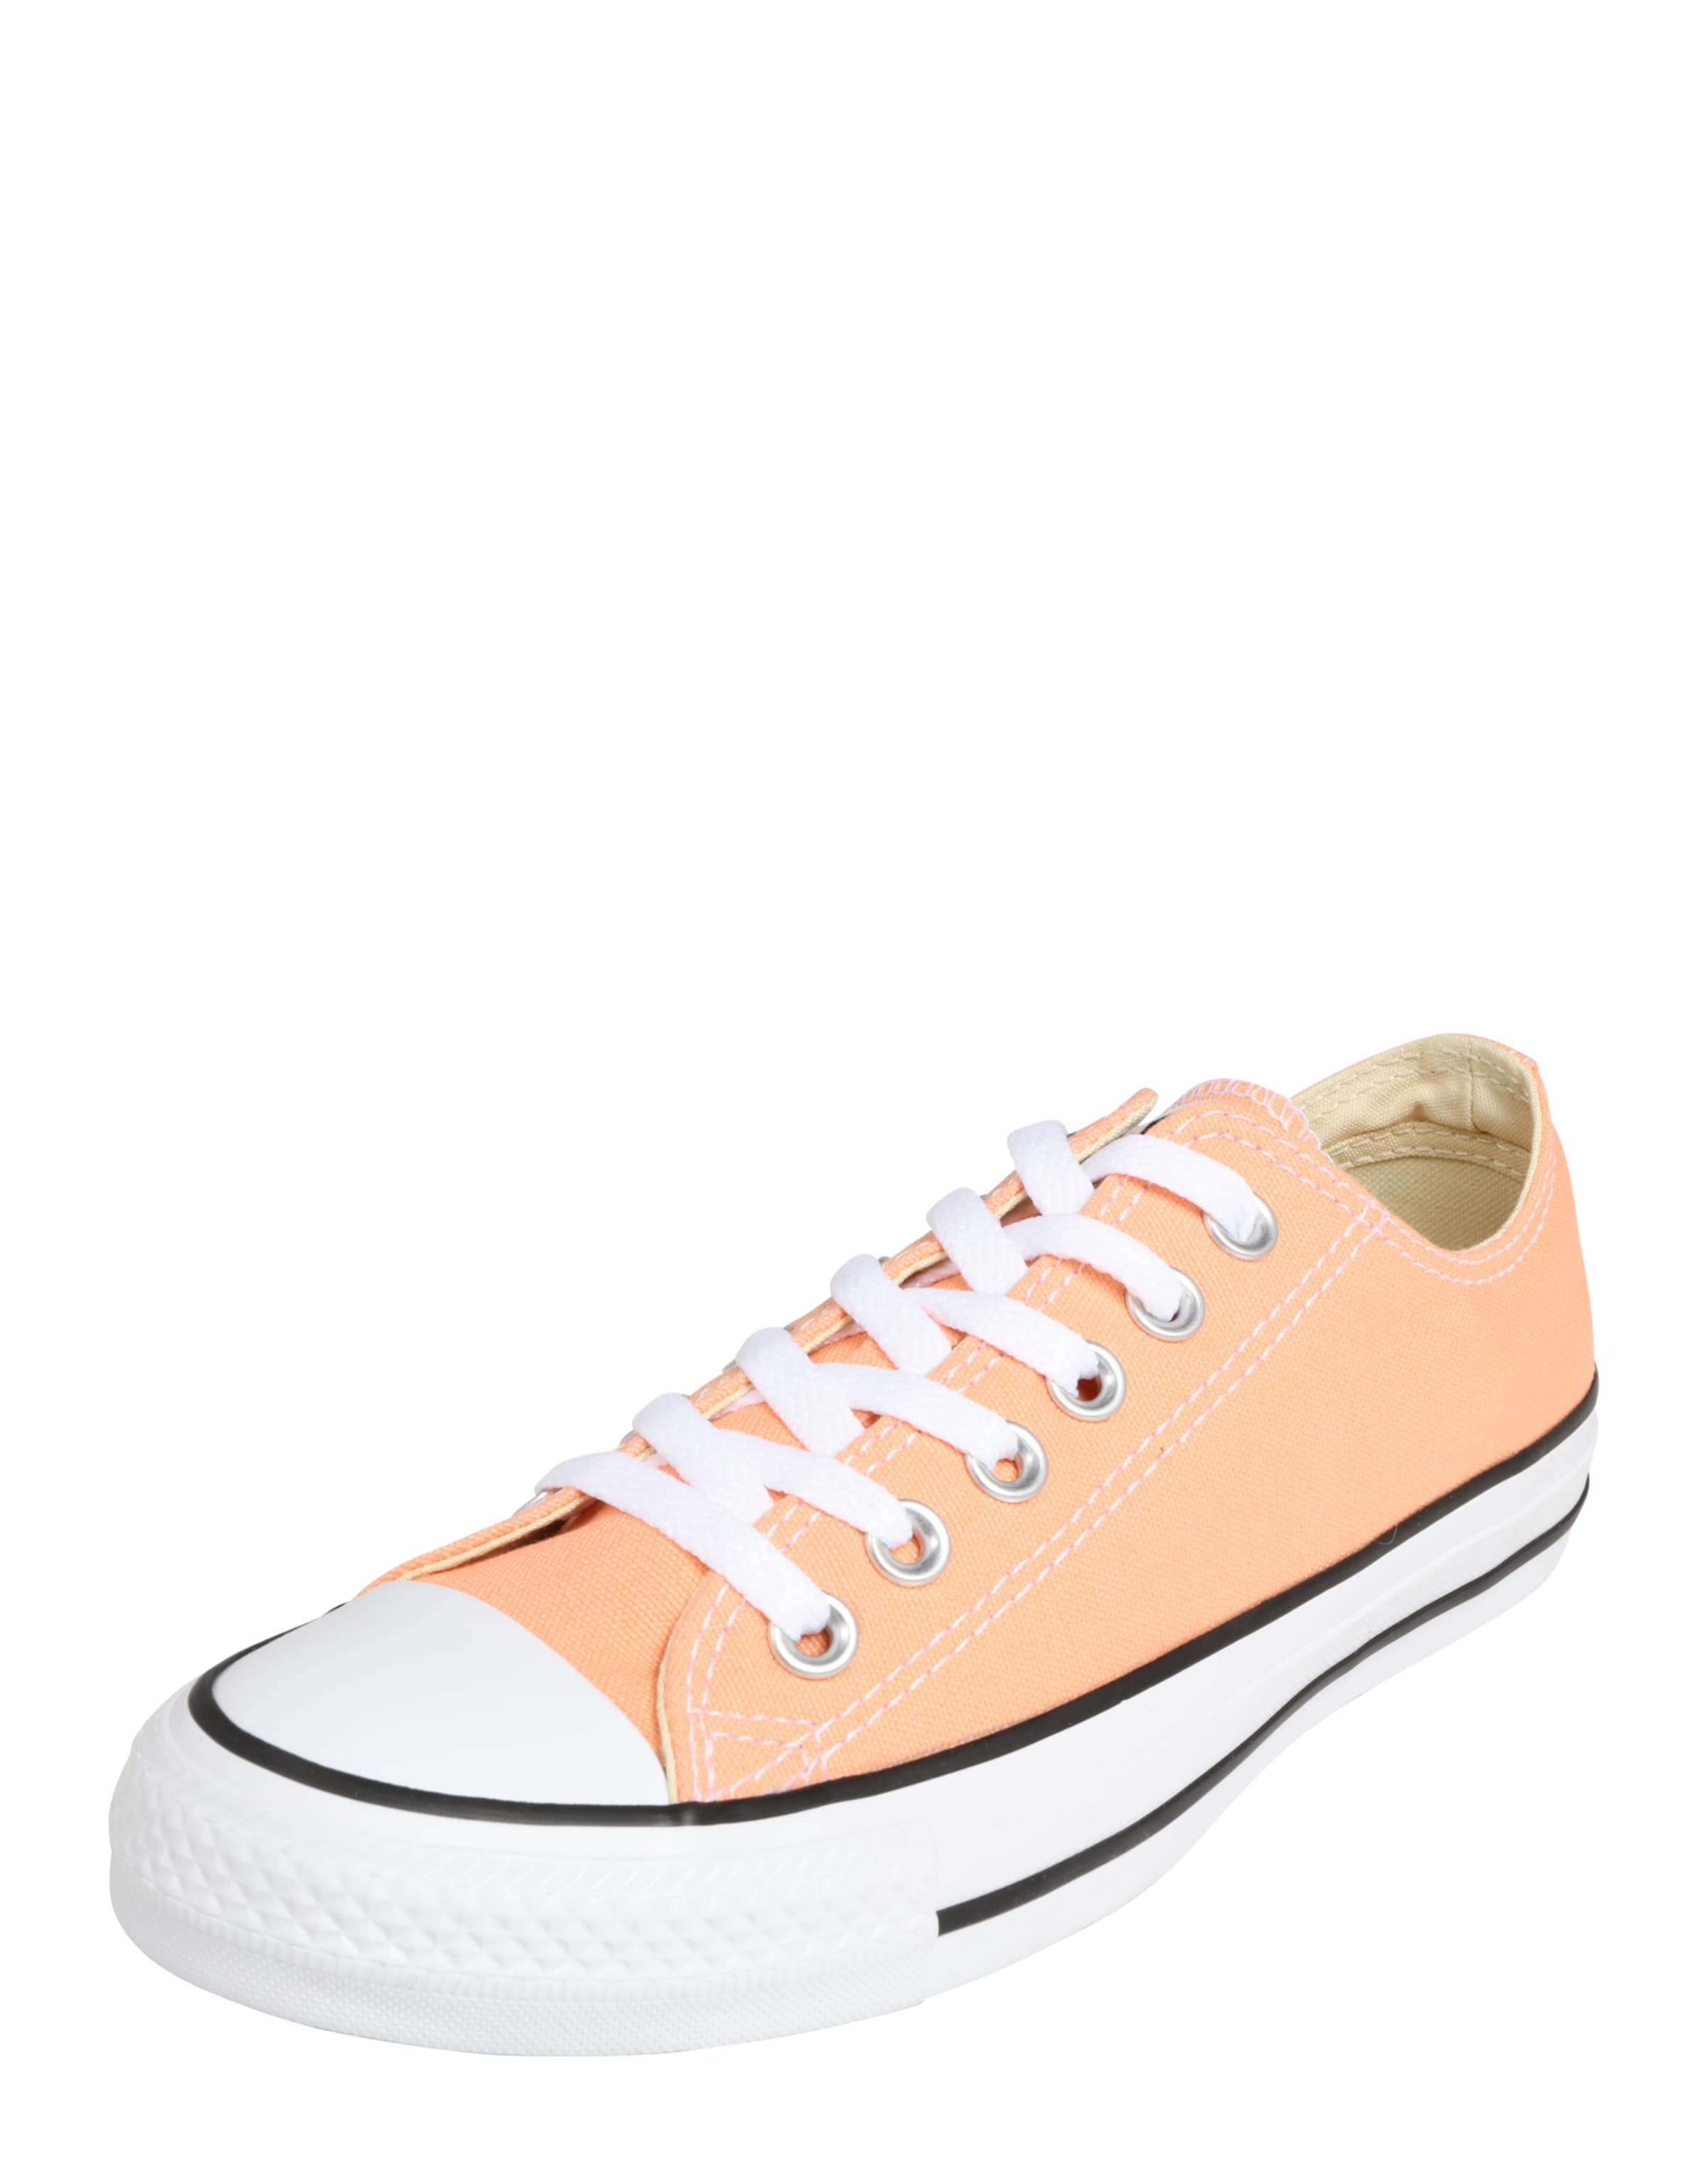 CONVERSE Klassische Chucks Verschleißfeste billige Schuhe